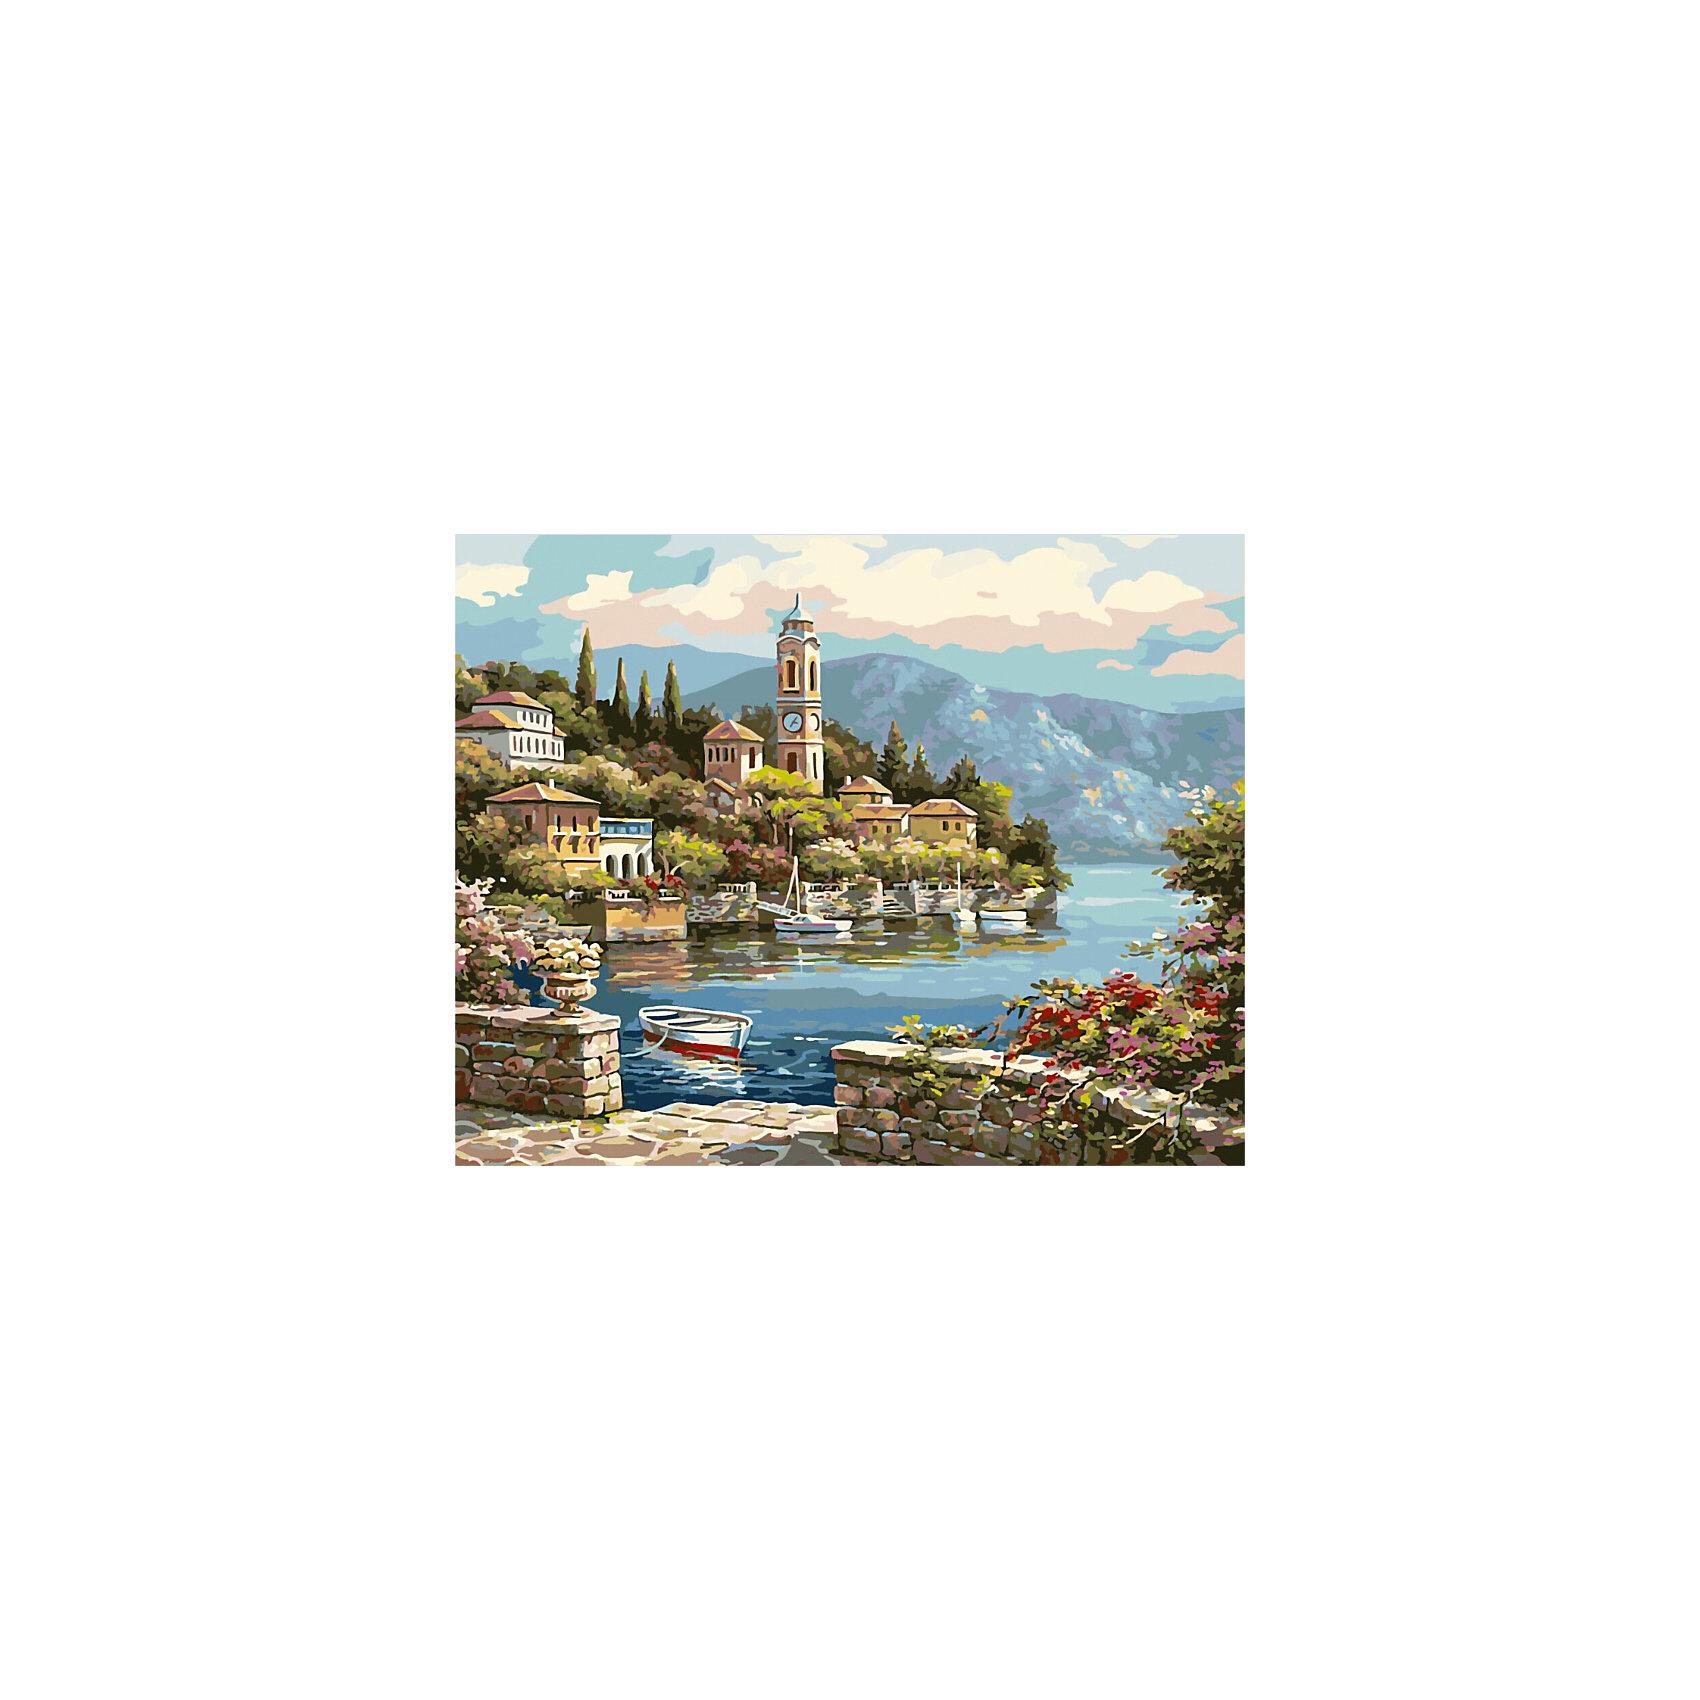 Роспись по номерам Башня с часами 40*50 смХарактеристики товара:<br><br>- цвет: разноцветный;<br>- материал: бумага, акрил;<br>- комплектация: холст на подрамнике, кисти, краски, контрольный рисунок, инструкция;<br>- размер картины: 40х50 см;<br>- размер упаковки: 42х52х3 см.<br><br>Такой комплект для рисования станет отличным подарком и для ребенка, и для взрослого. Он помогает развить художественные навыки, поверить в свои силы, а в итоге работы получается произведение искусства, которое может украсить интерьер!<br>Основа набора - это полотно на подрамнике размером 40 на 50 сантиметров, на которое нанесены контуры рисунка, а участки пронумерованы. Каждому номеру соответствует баночка с краской определенного оттенка. Для удобного нанесения акриловых красок на водной основе в наборе есть три разные кисти, с их помощью даже мелкие детали можно аккуратно и красиво прорисовать. Чтобы контролировать процесс, можно сверяться с контрольным рисунком, на котором изображена готовая картина.<br>Роспись по такой схеме помогает развивать зрительную память, концентрацию внимания, мелкую моторику и цветовосприятие.<br><br>Роспись по номерам Башня с часами 40*50 см можно купить в нашем интернет-магазине.<br><br>Ширина мм: 420<br>Глубина мм: 520<br>Высота мм: 50<br>Вес г: 900<br>Возраст от месяцев: 36<br>Возраст до месяцев: 2147483647<br>Пол: Унисекс<br>Возраст: Детский<br>SKU: 5117447